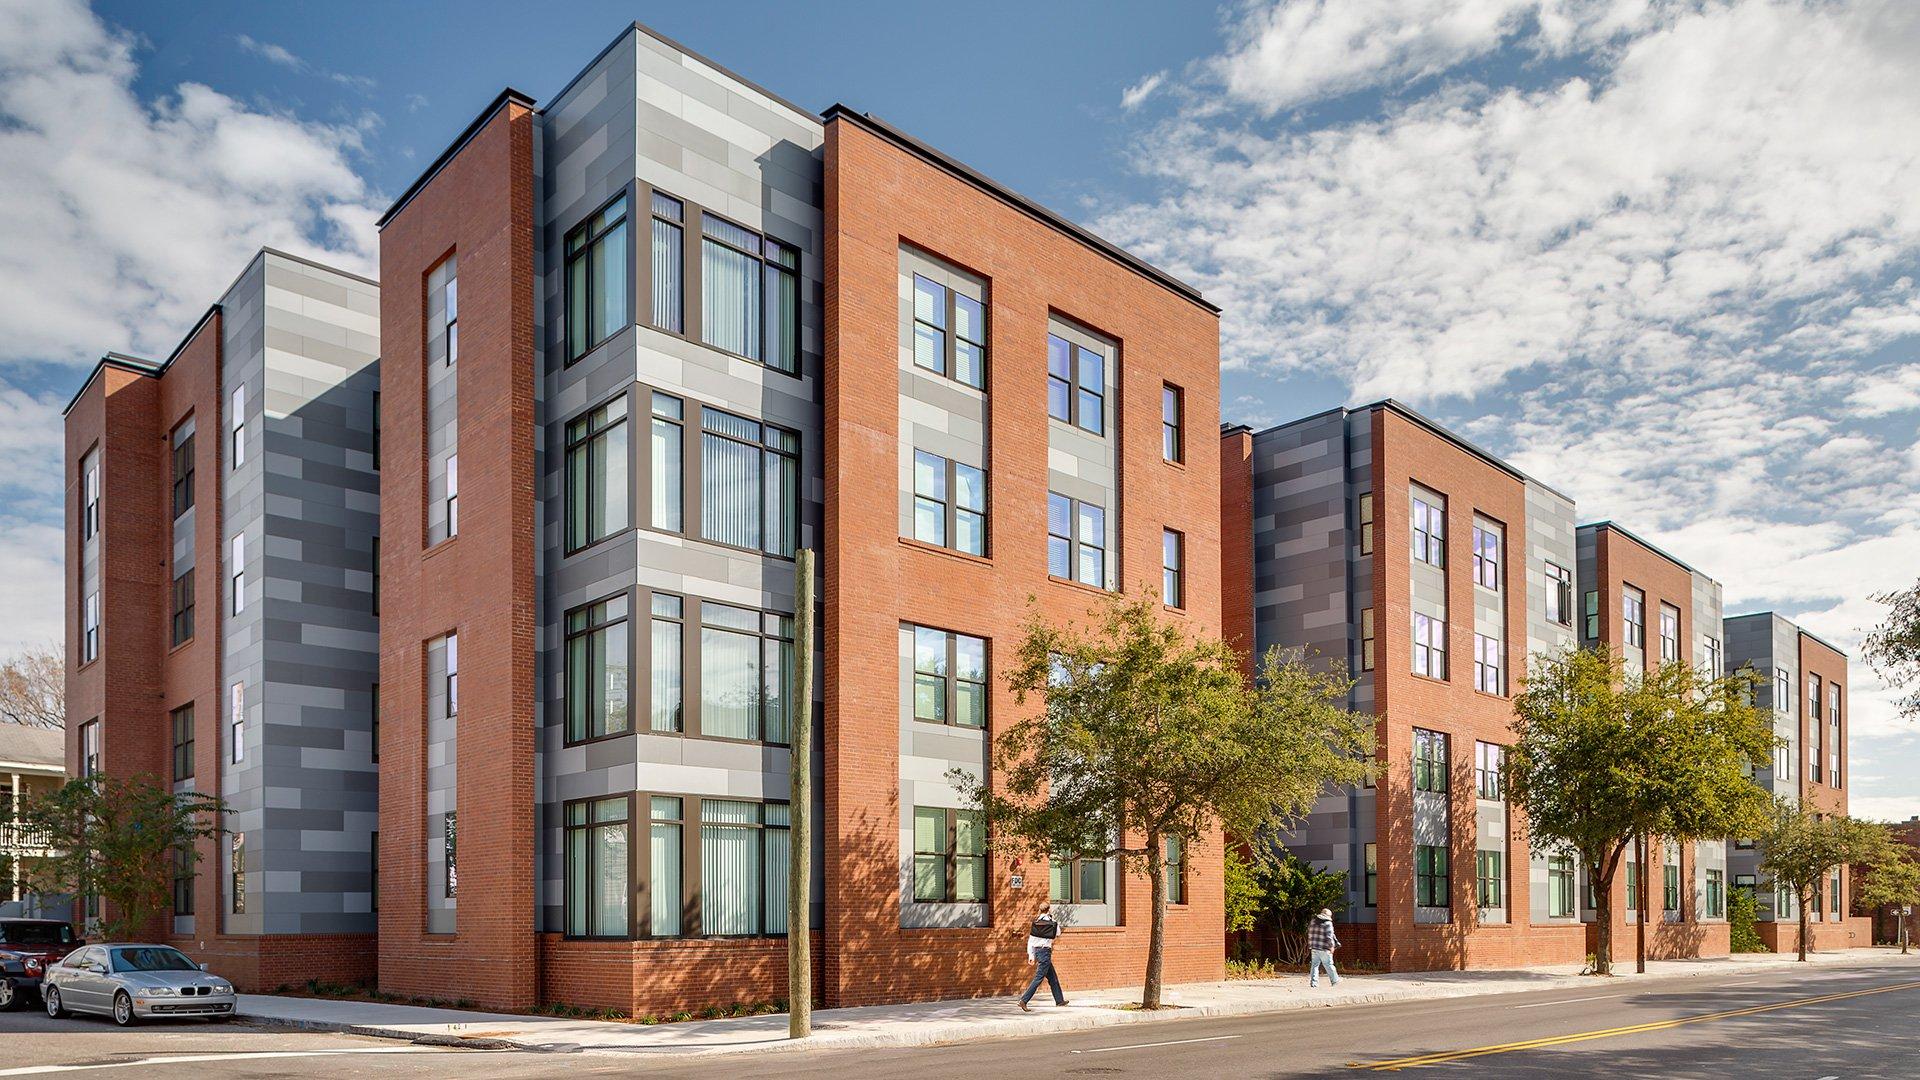 400 Meetin Street Student Housing, Exterior